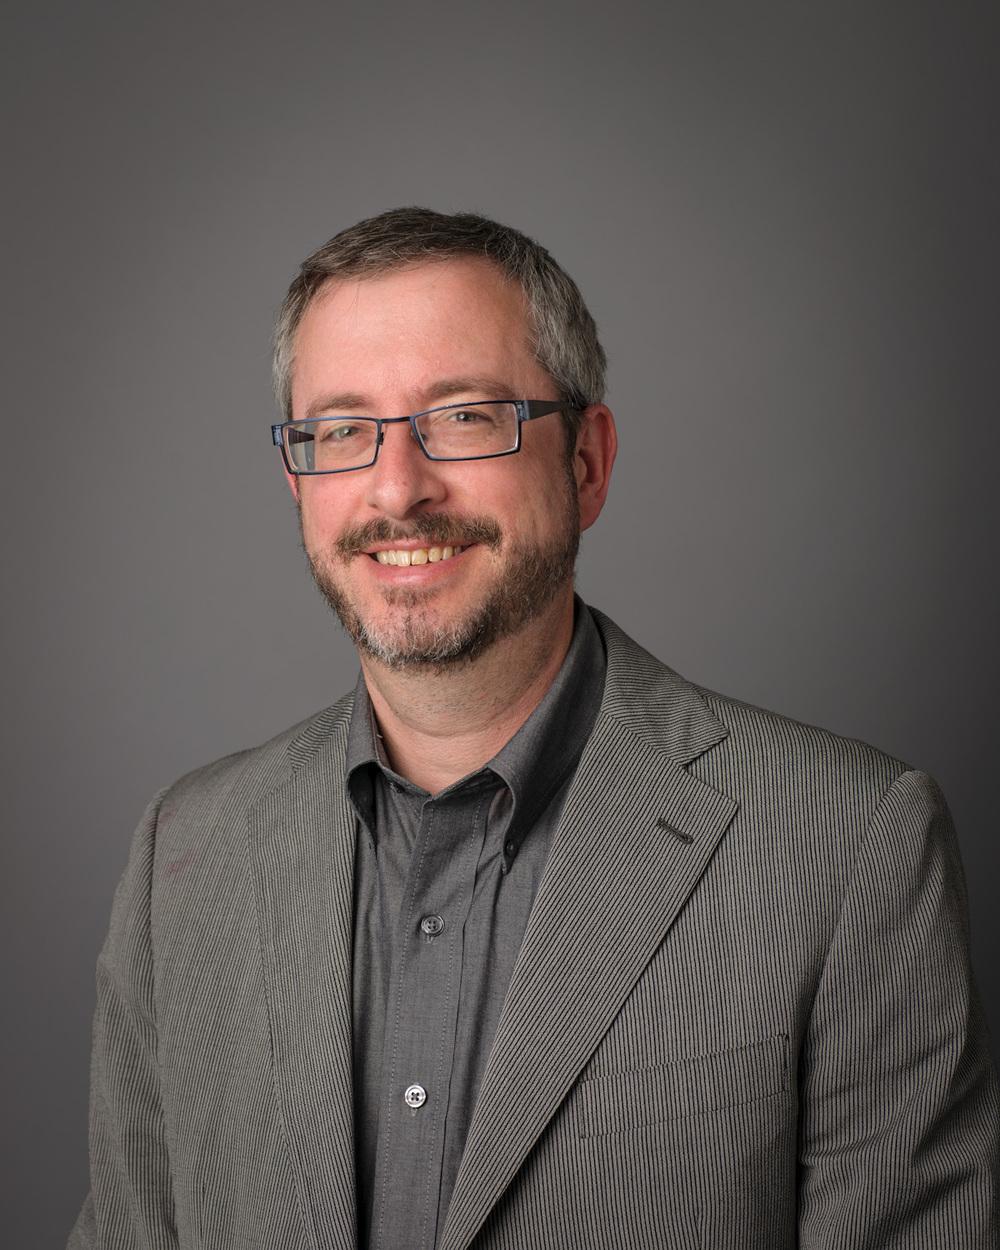 Mark Gurvis